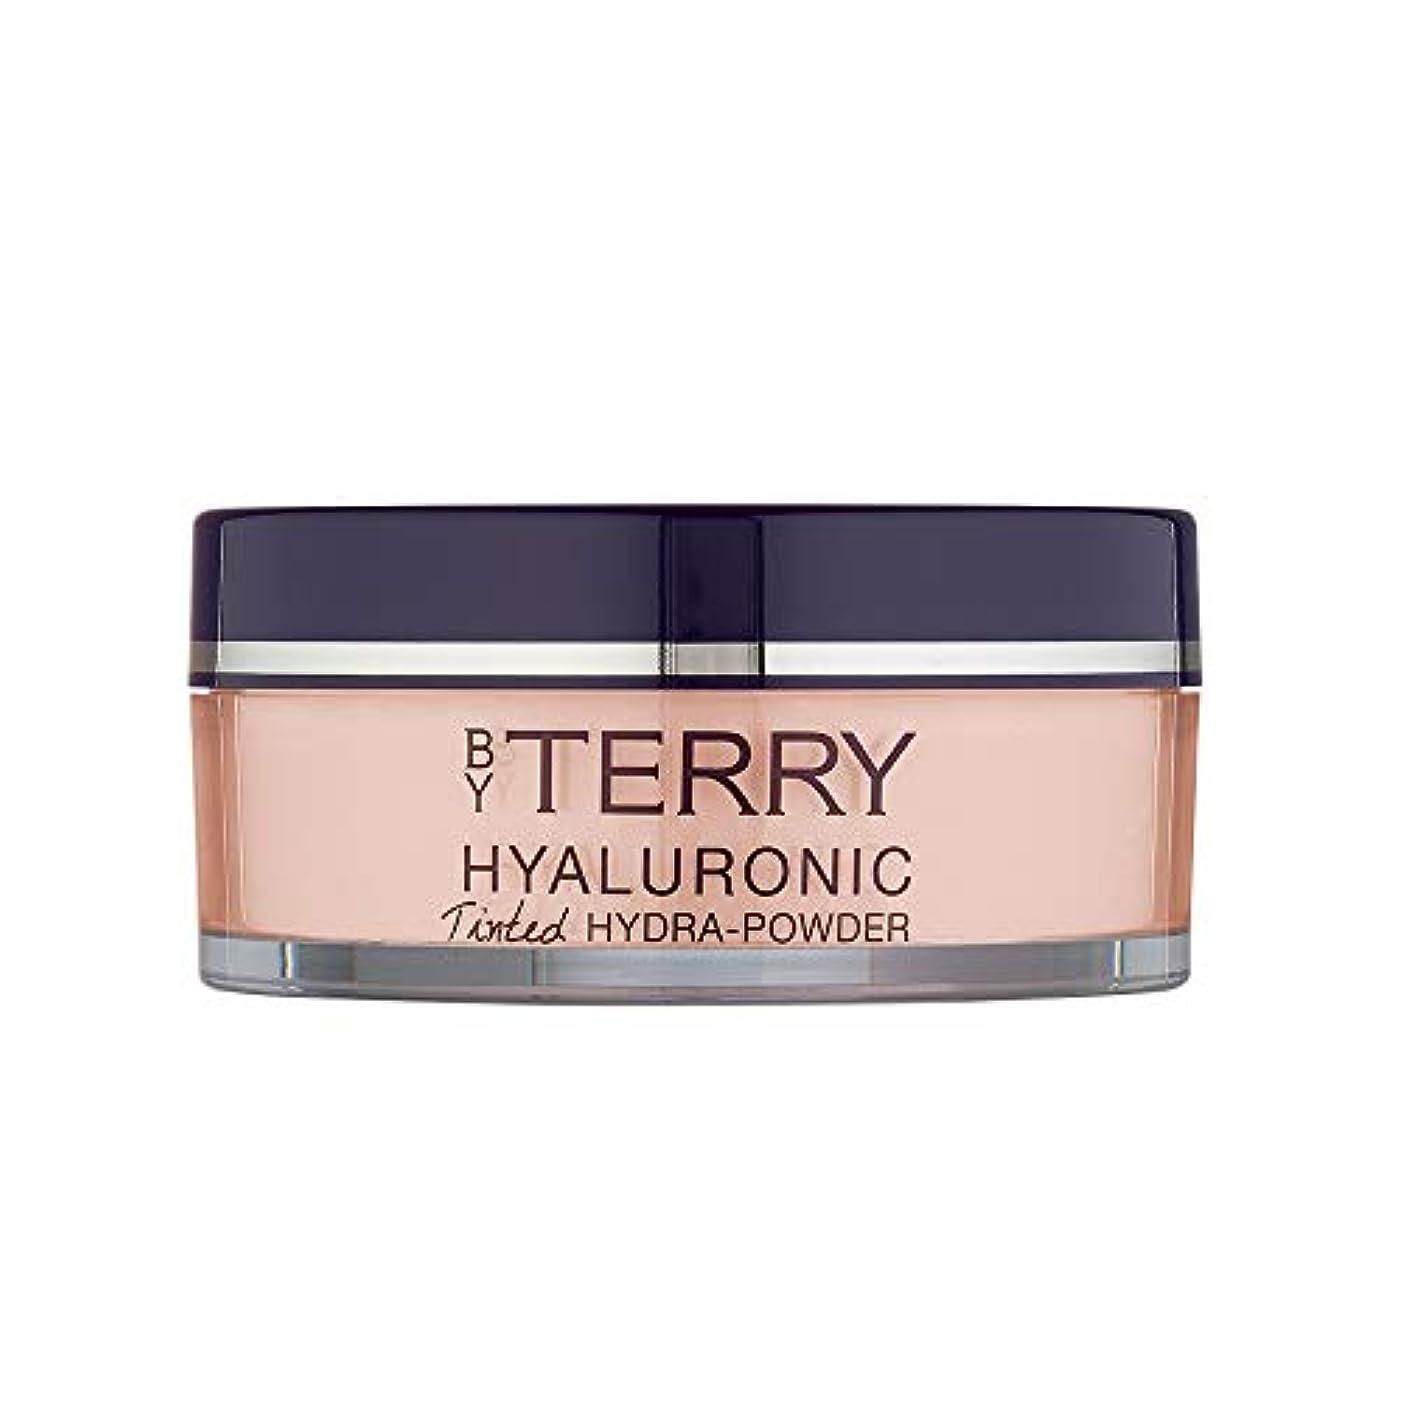 バイテリー Hyaluronic Tinted Hydra Care Setting Powder - # 200 Natural 10g/0.35oz並行輸入品